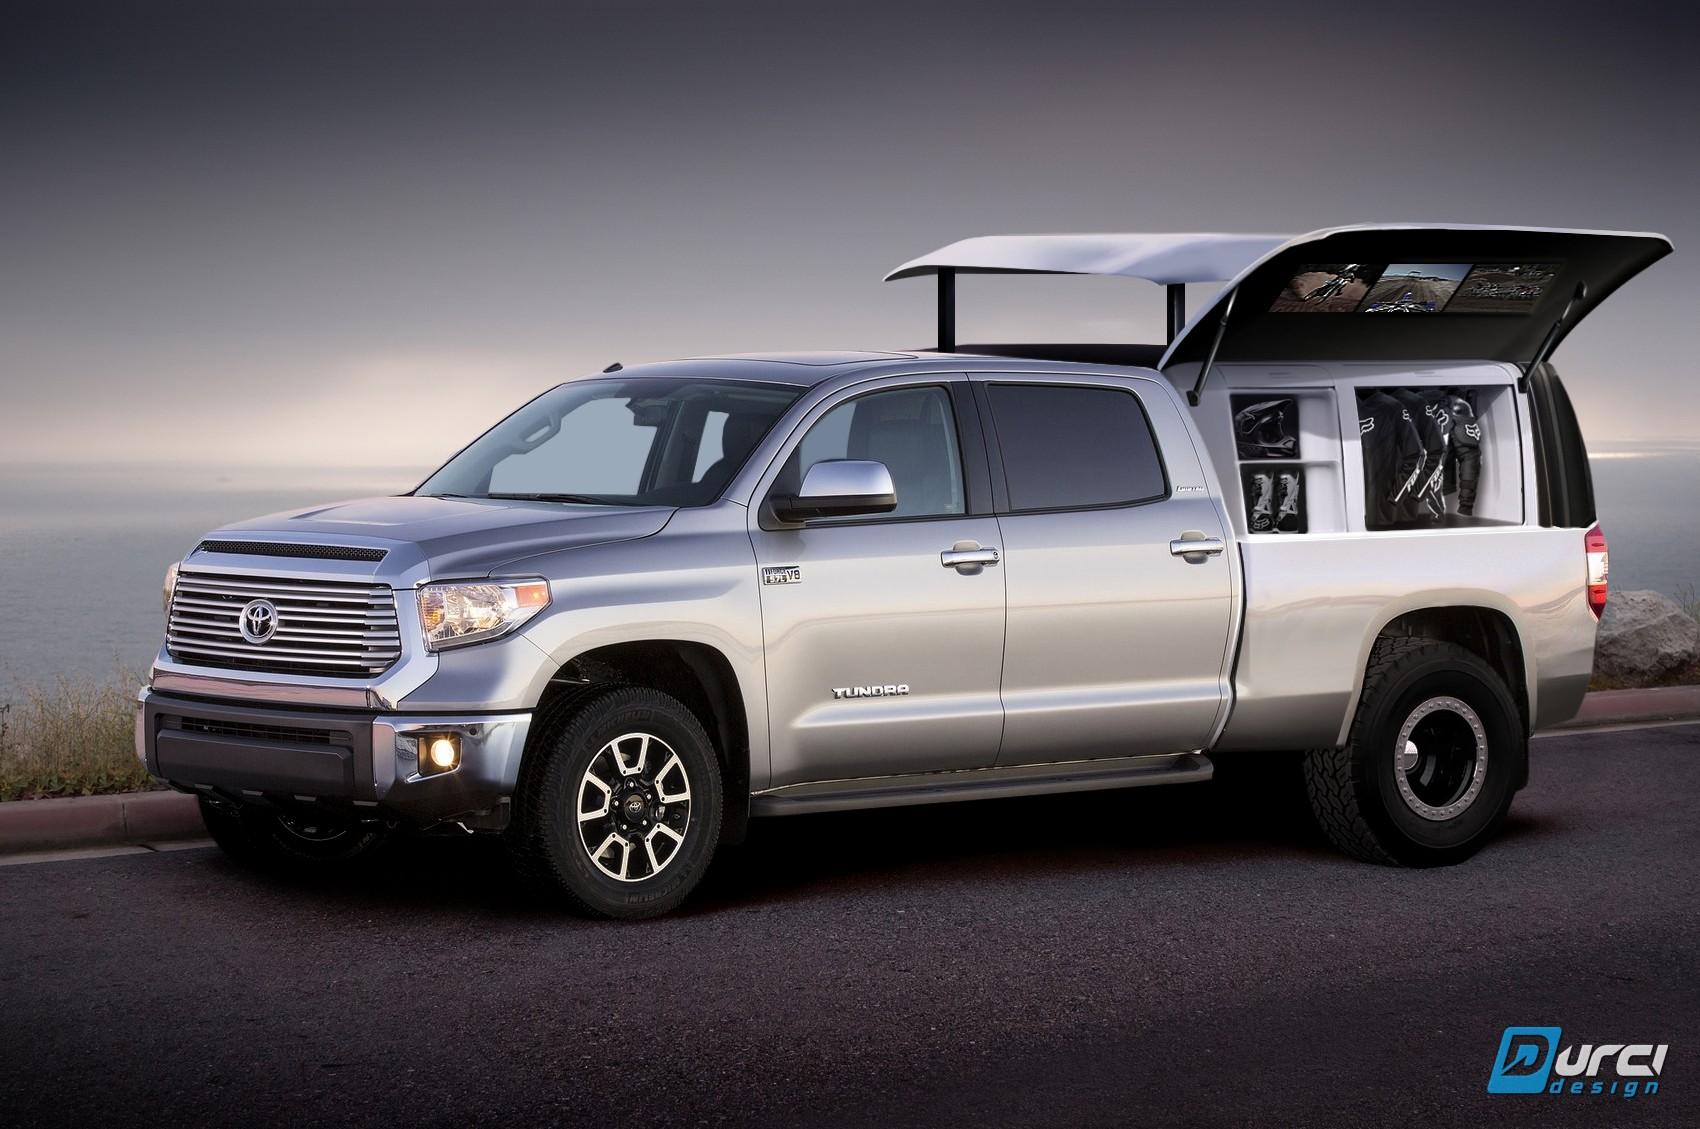 Toyota Tundra – Toyota Dream Build Challenge 2013 winner